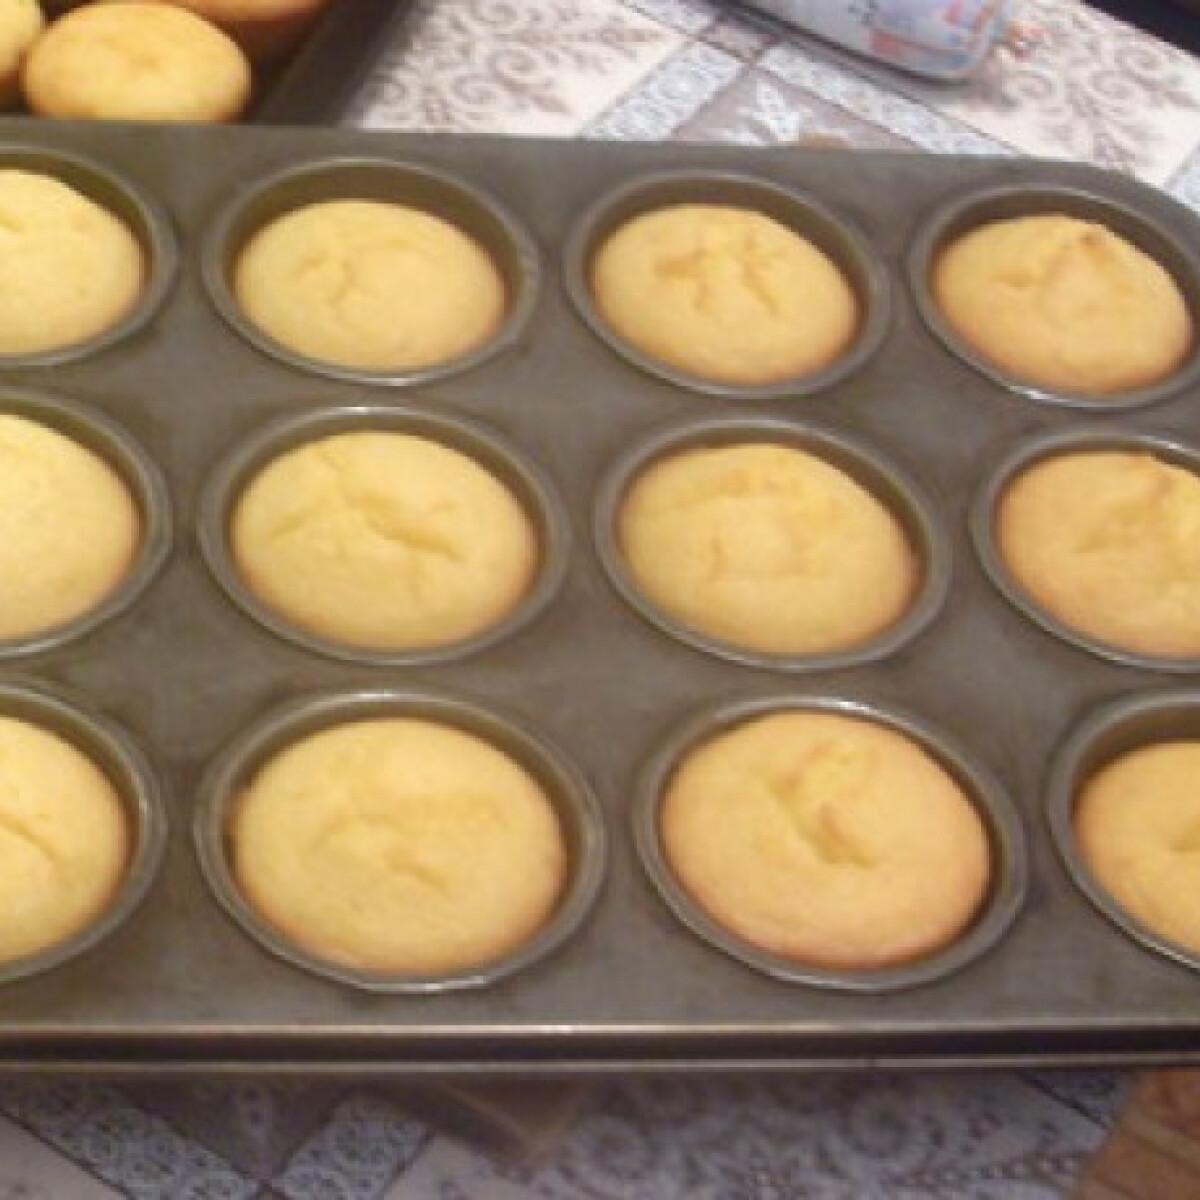 Ezen a képen: Kukoricadarás muffin